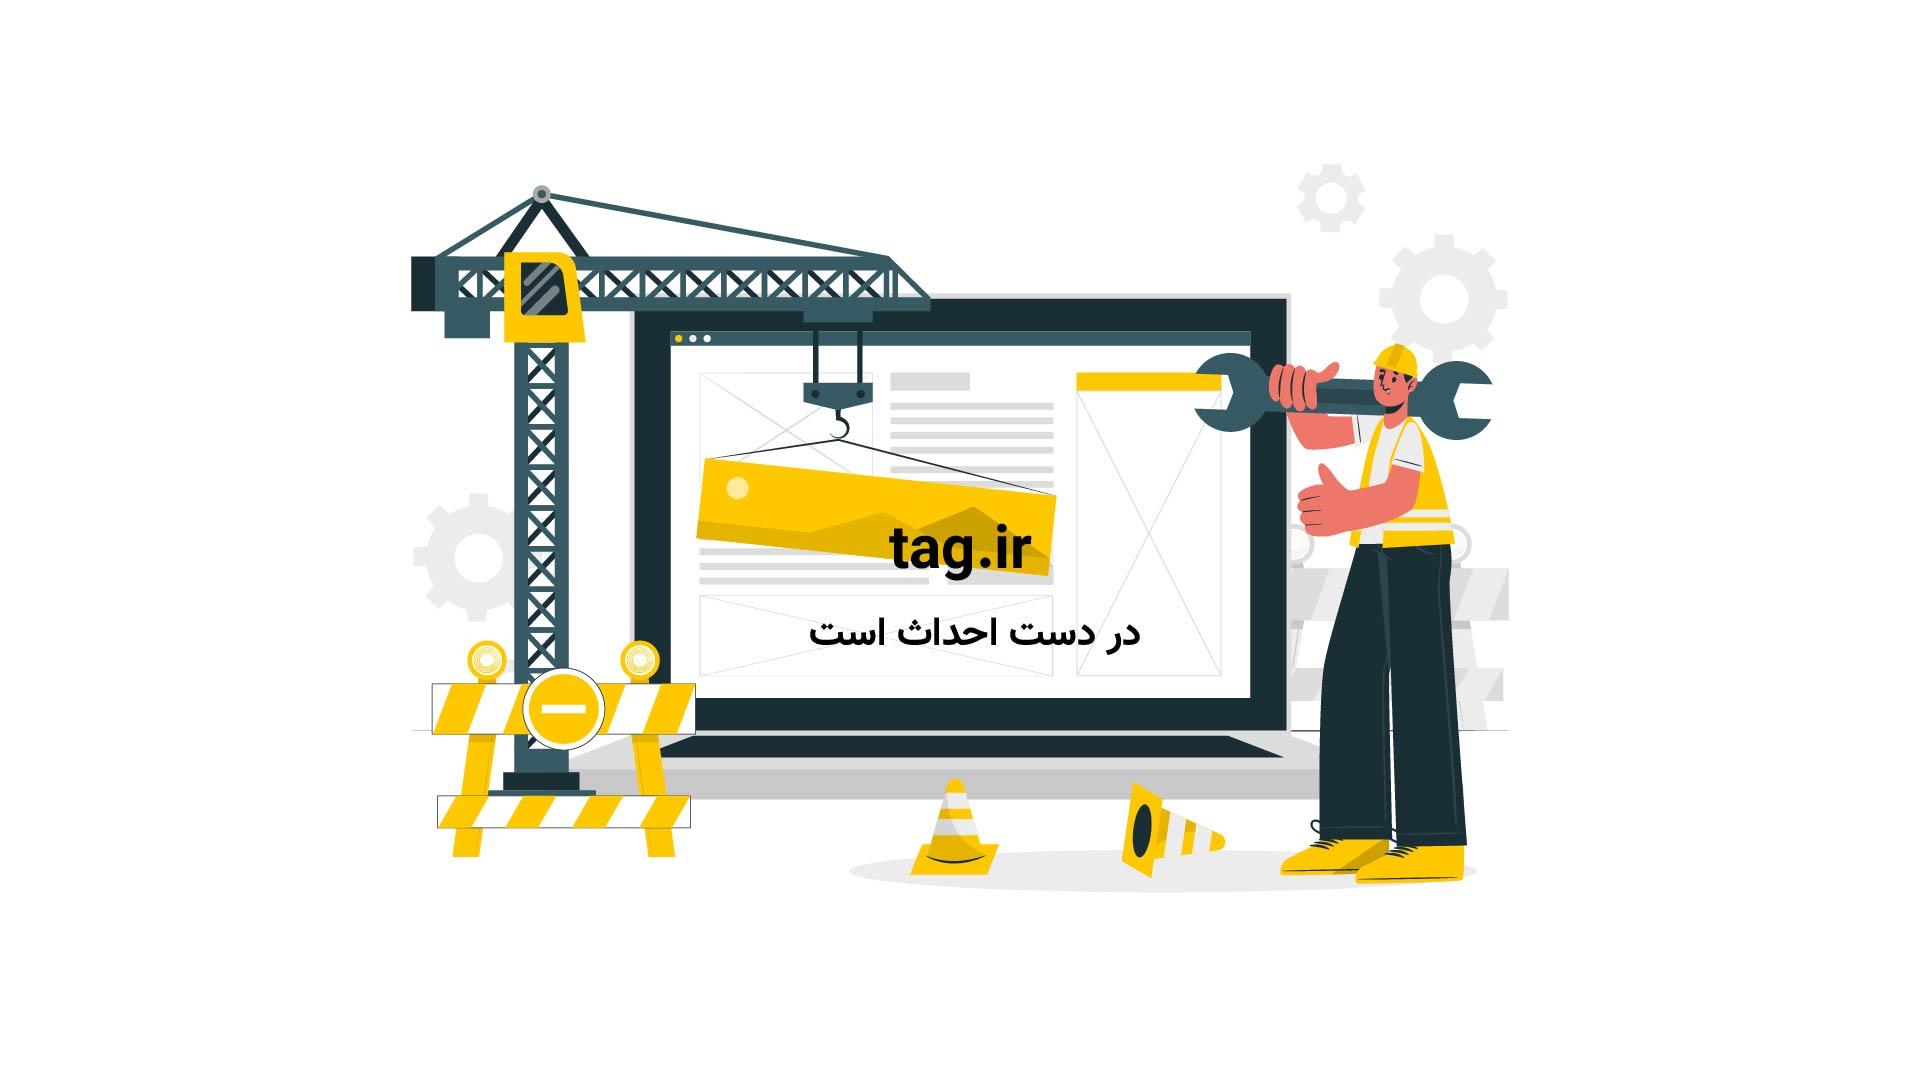 کشیدن سگ روی جاده با کامیون اداره راهداری گیلان | فیلم